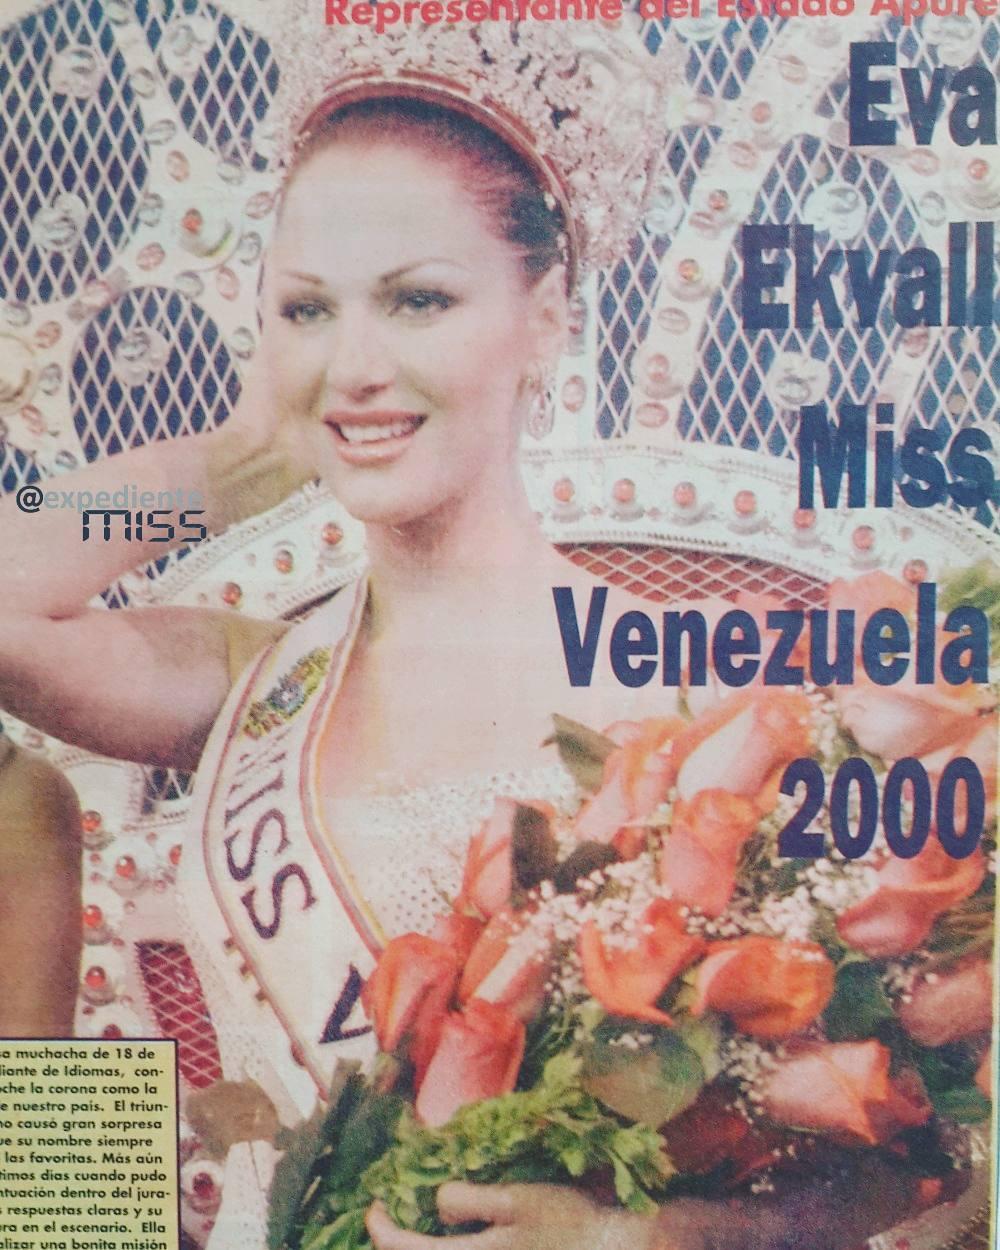 eva ekvall, 3rd runner-up de miss universe 2001. † - Página 4 17267710